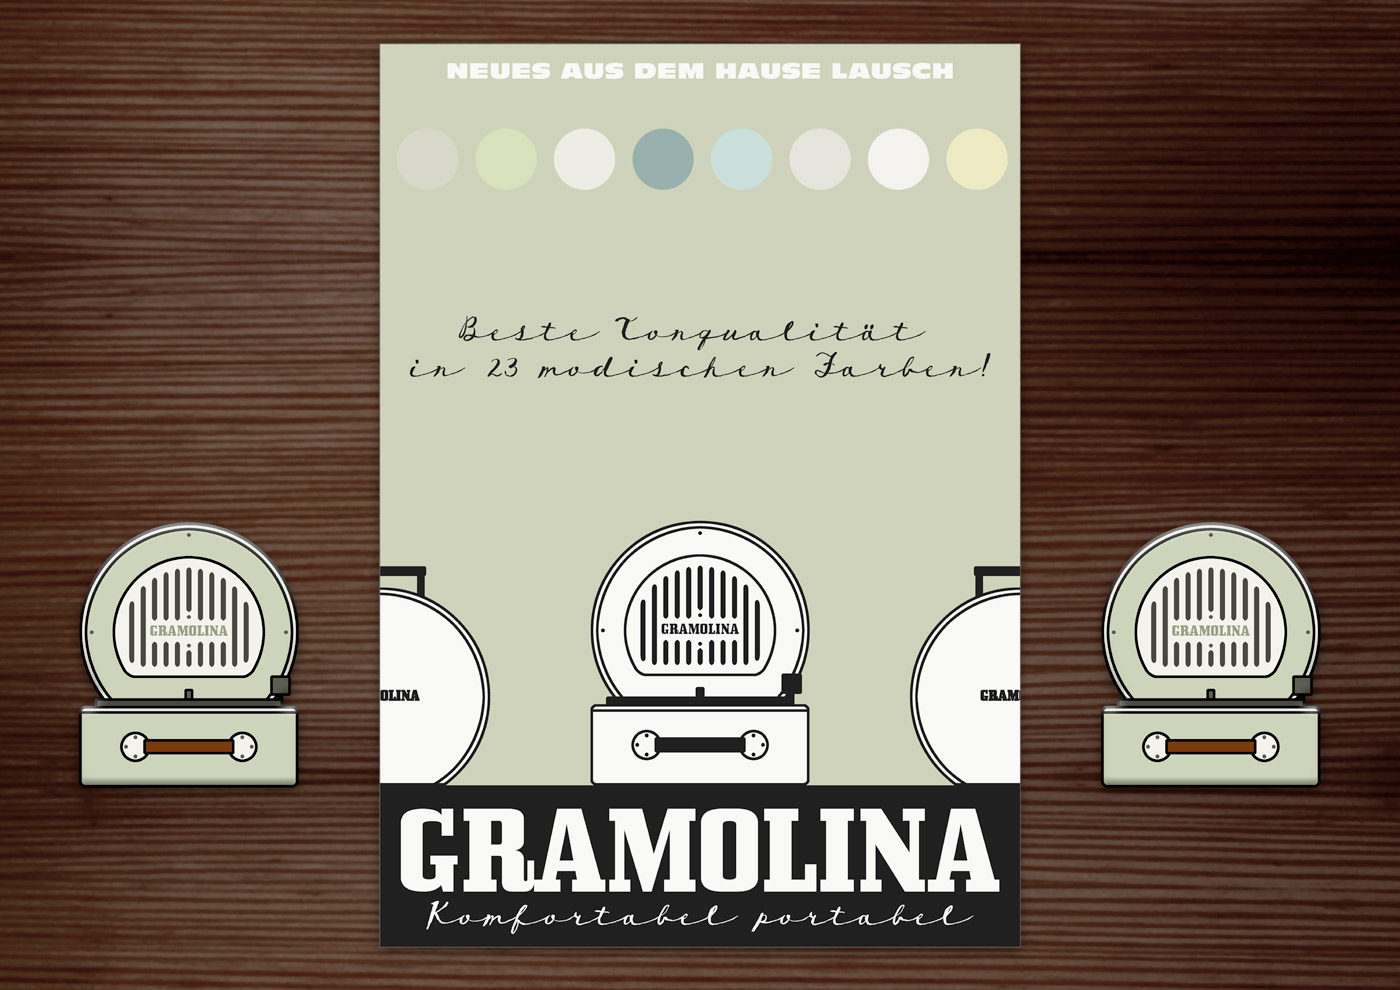 Corporate Identity, Logo und Grafik Design mit Radio für Lily Lux Retro-Grammophon Gramolina